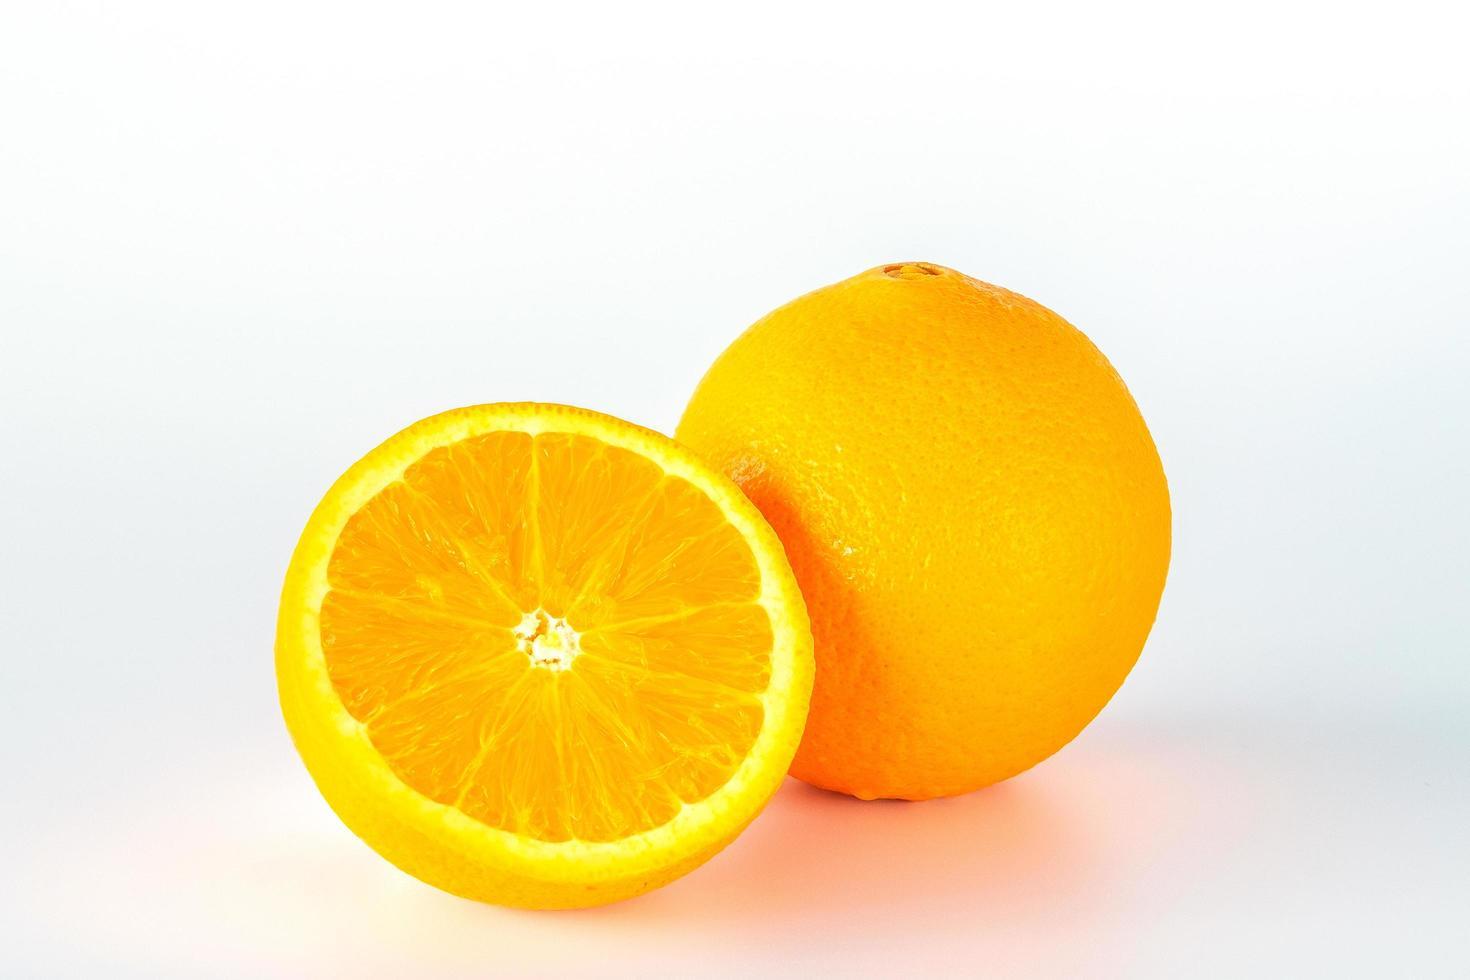 oranje fruit segment geïsoleerd op een witte achtergrond. foto